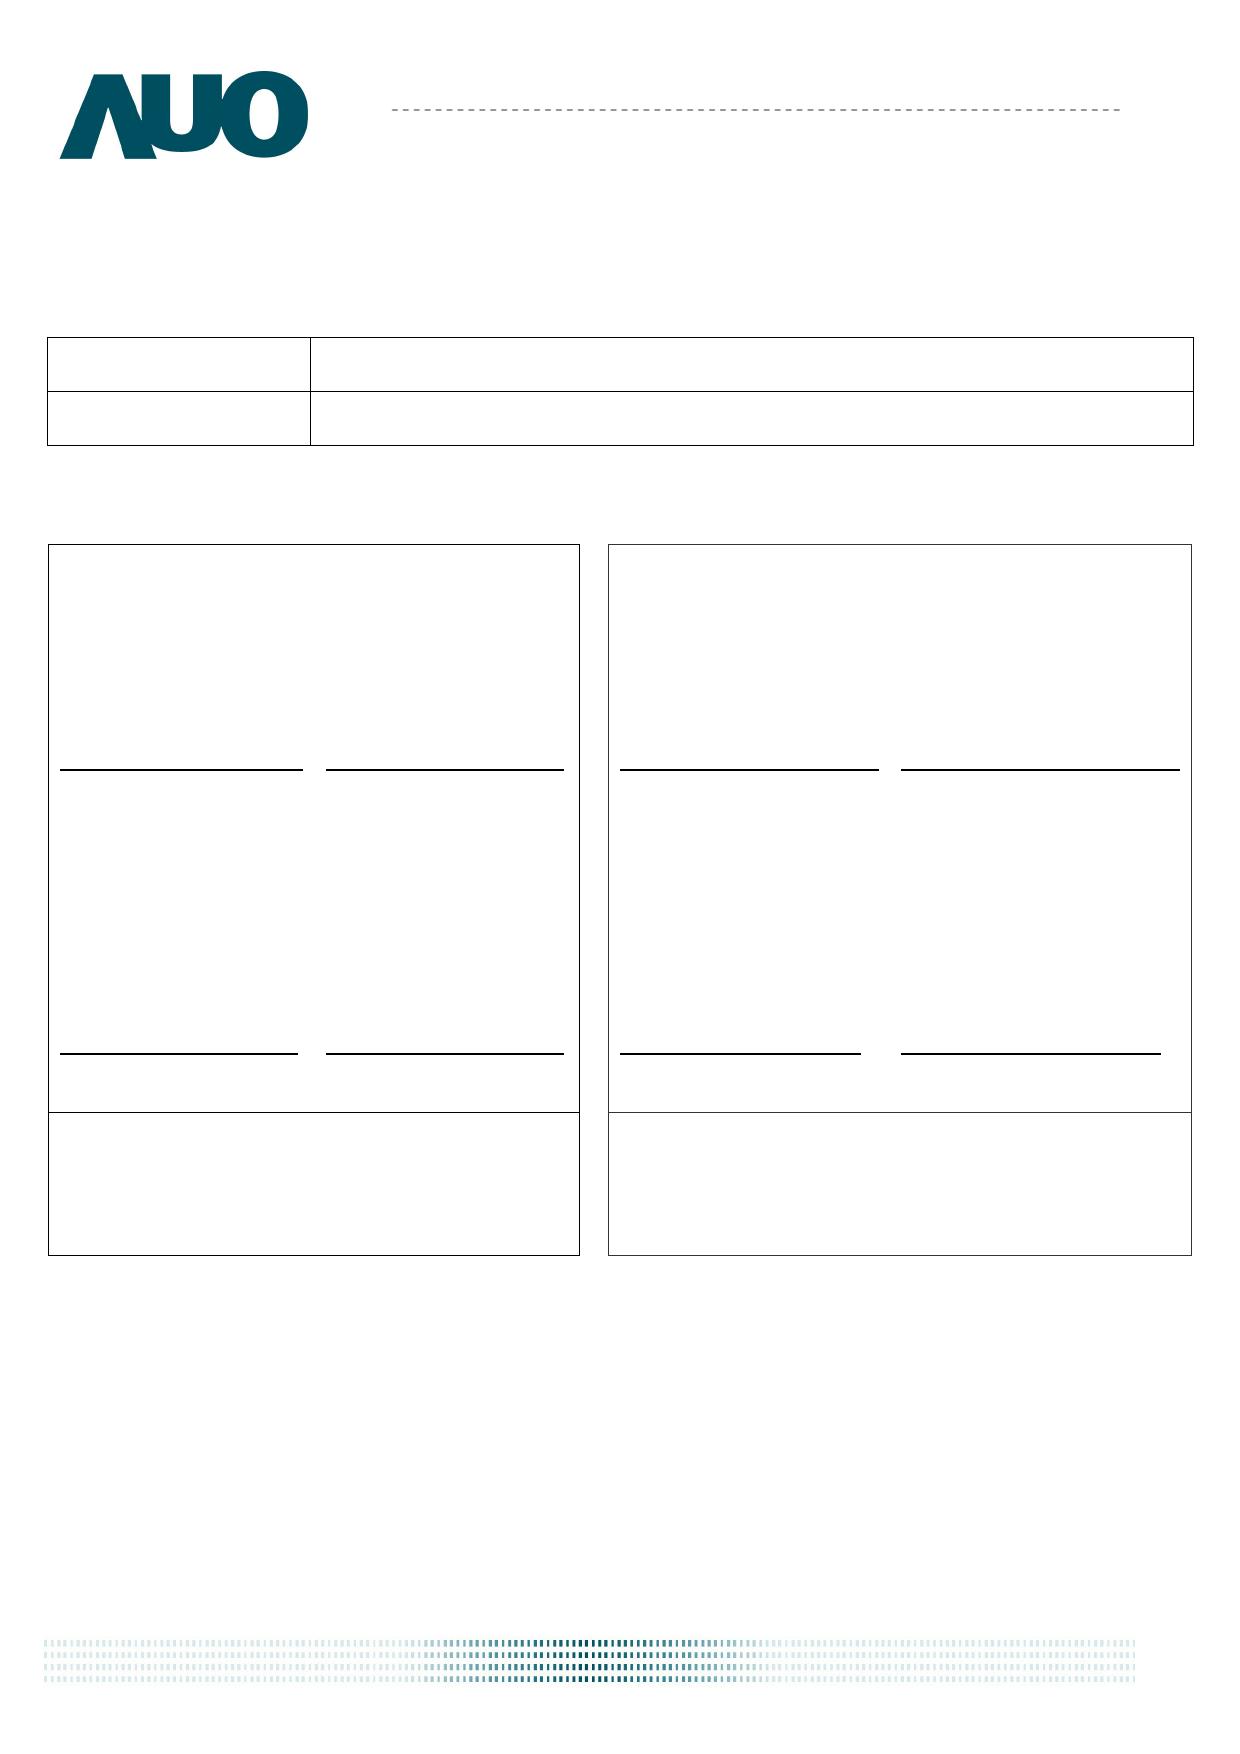 G065VN01_V2 دیتاشیت PDF